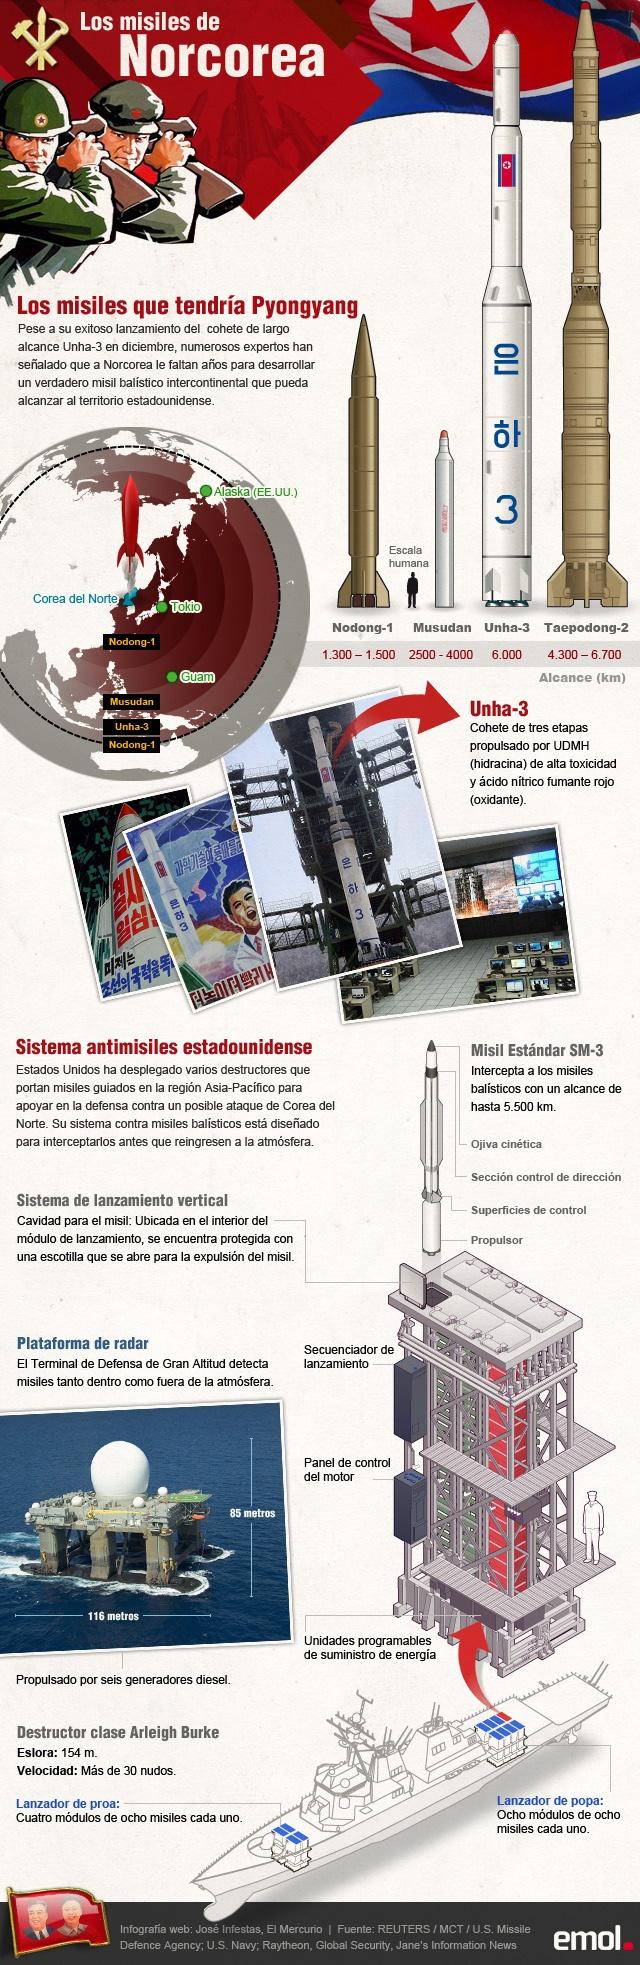 #Infografia Los misiles de Norcorea y la tecnología de EE.UU. para defenderse del ataque